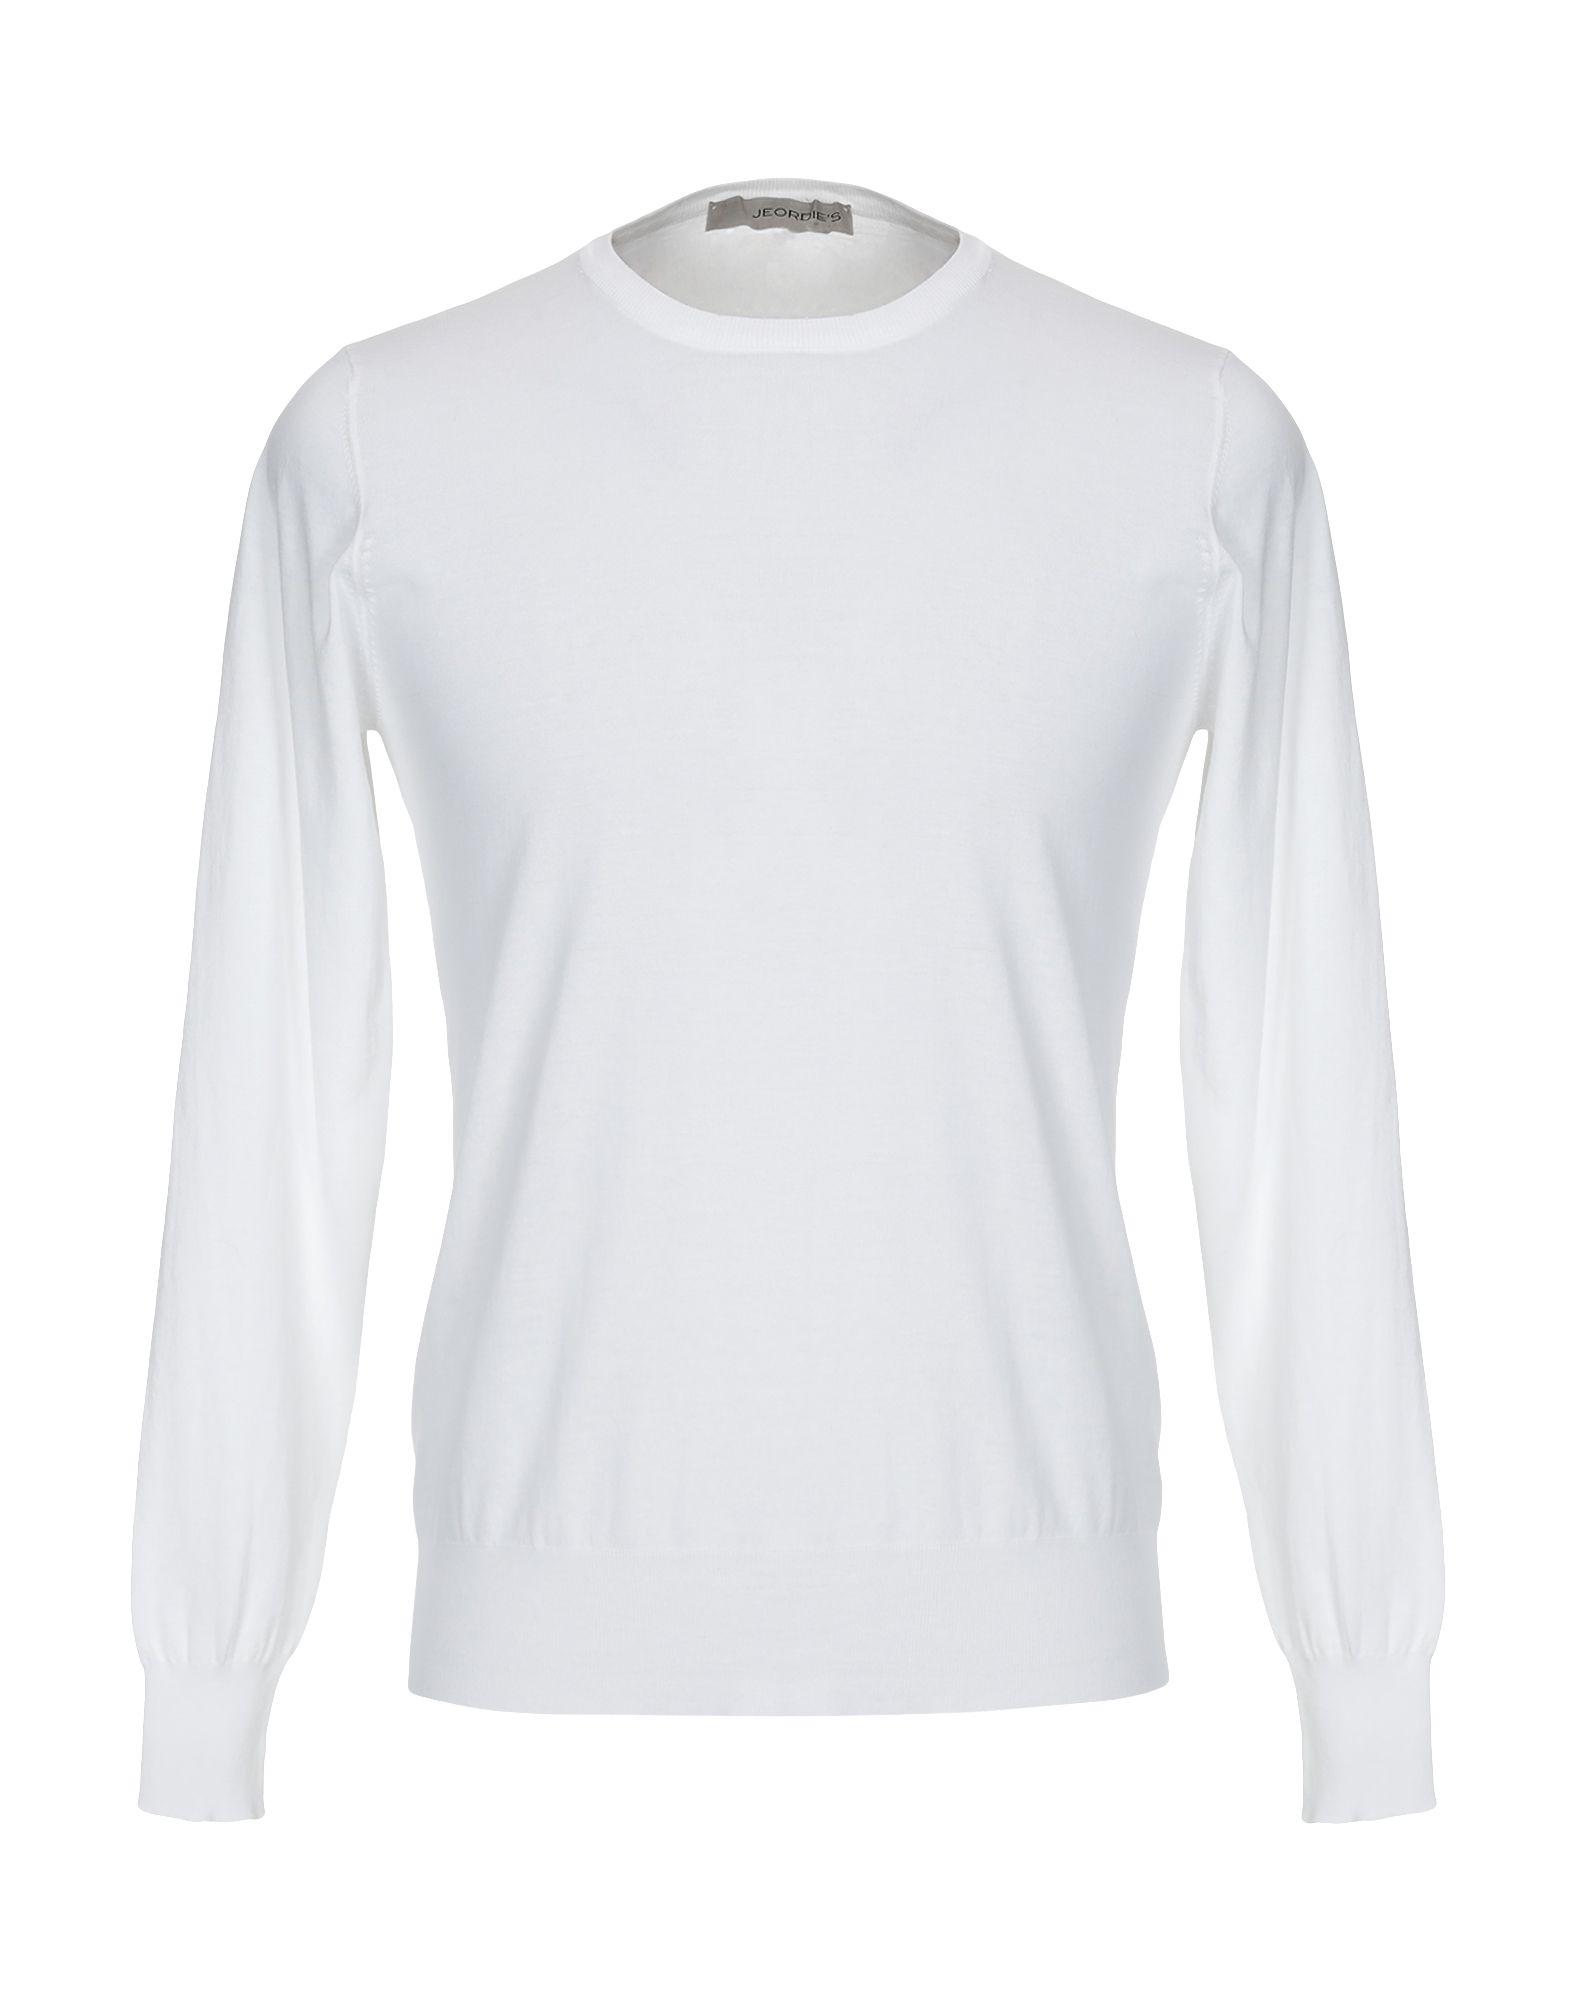 《セール開催中》JEORDIE'S メンズ プルオーバー ホワイト S コットン 100%